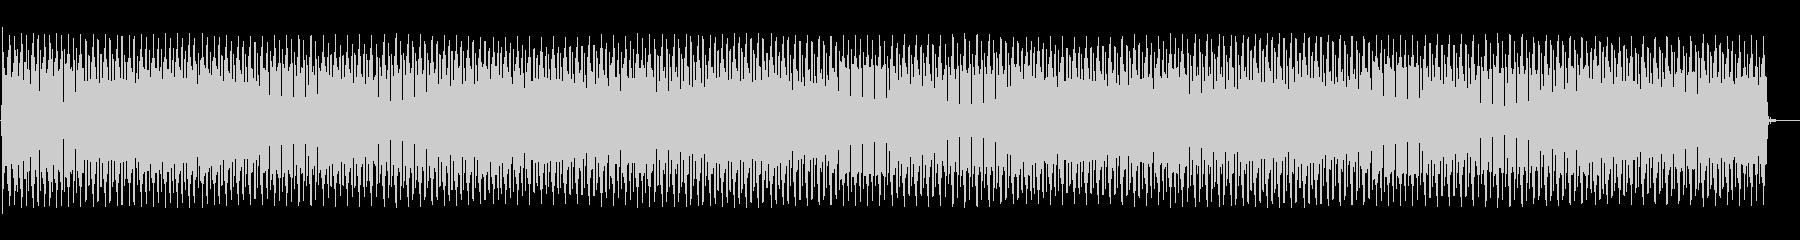 自動アラーム音アラームの未再生の波形